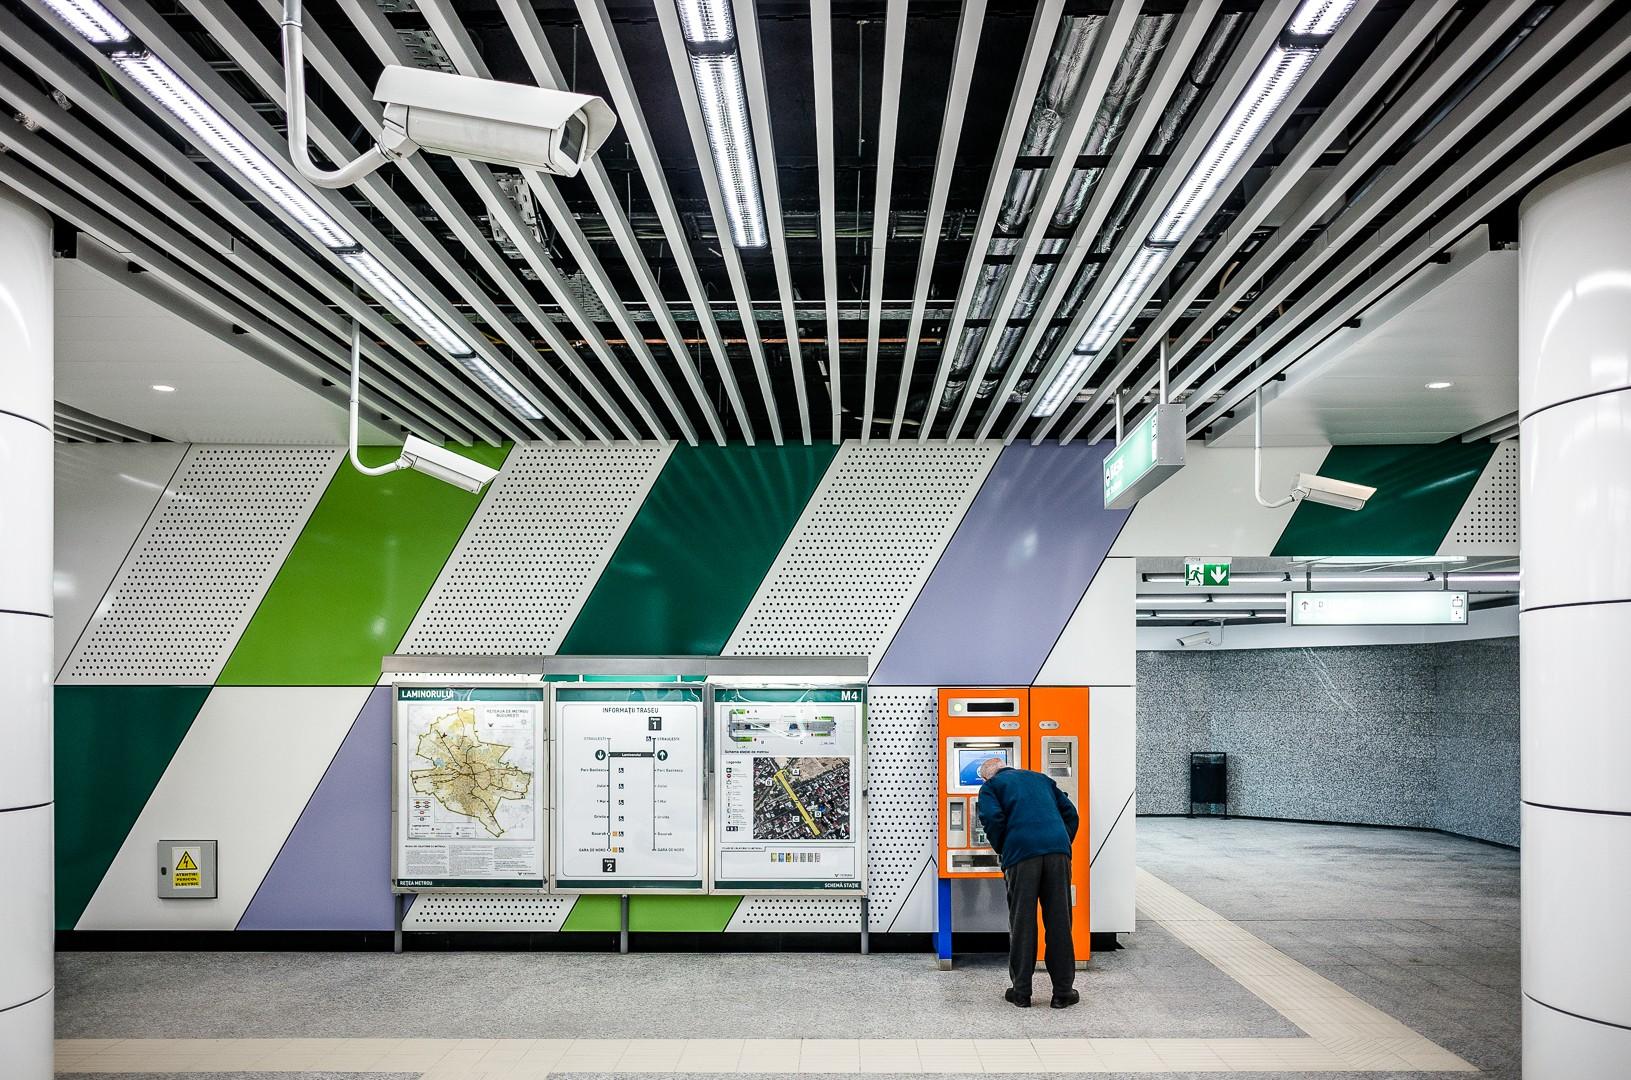 bilete metrou